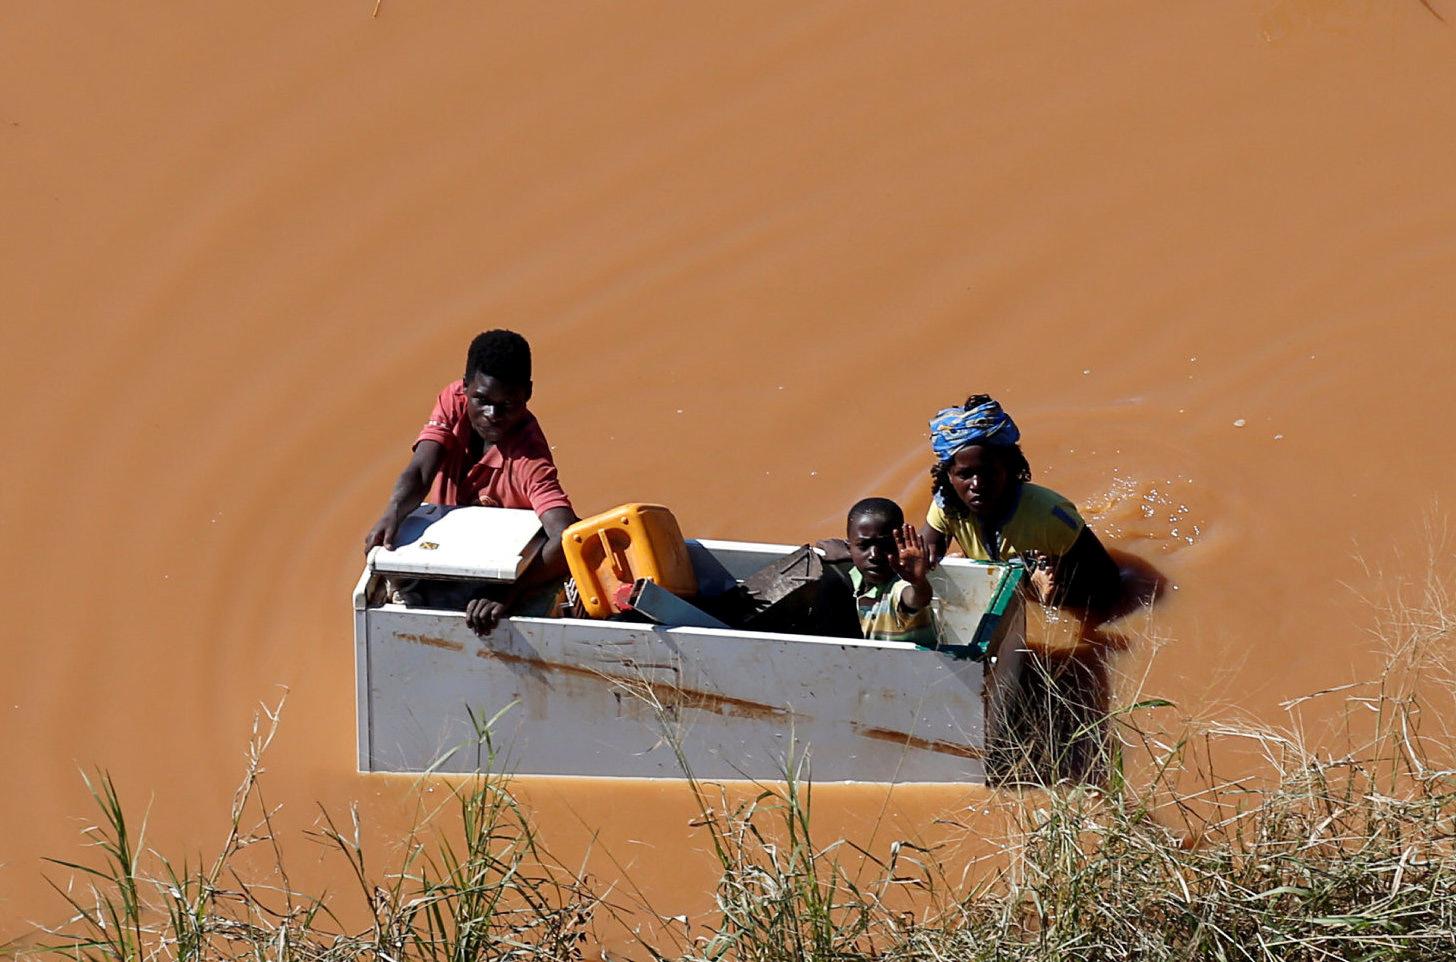 Uma criança é transportada dentro de um frigorifico vazio durante as cheias depois do Ciclone Idai, no Buzi, fora da Beira, Moçambique. A Comissão de Assistência da Metodista Unida atribuiu três subvenções de $10.000 para financiamento imediato e de emergência a curto prazo para satisfazer as necessidades humanas básicas das pessoas afectadas em Moçambique, no Zimbabué e no Malawi.  Foto de Siphiwe Sibeko, REUTERS